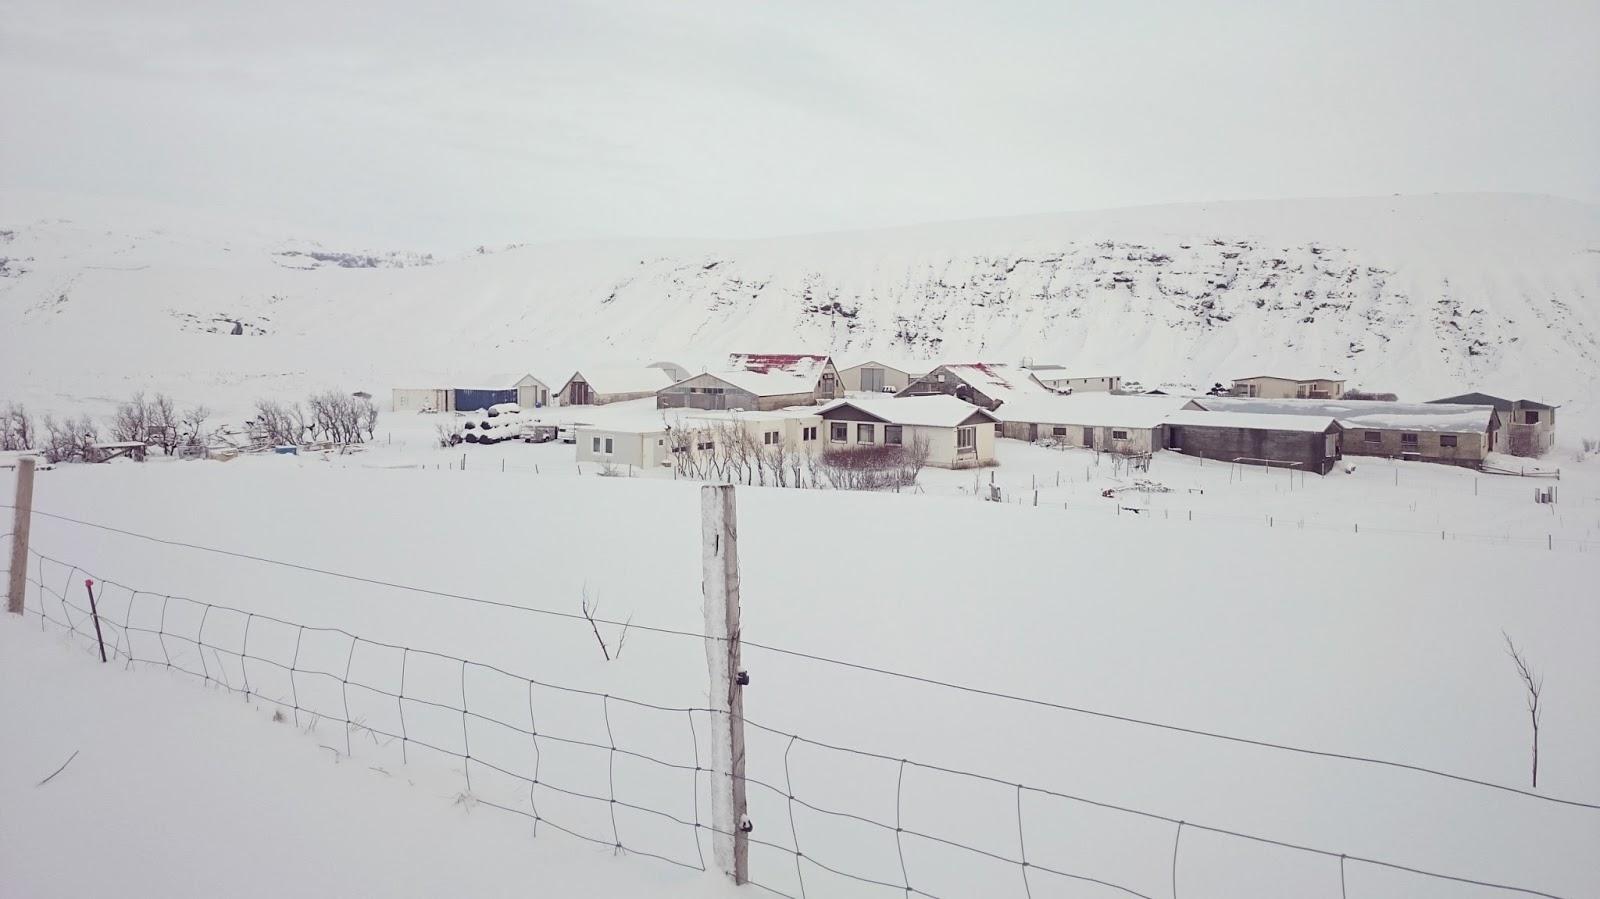 islandzka farma zimą, zima w Islandii, Islandia, Islandia zdjęcia